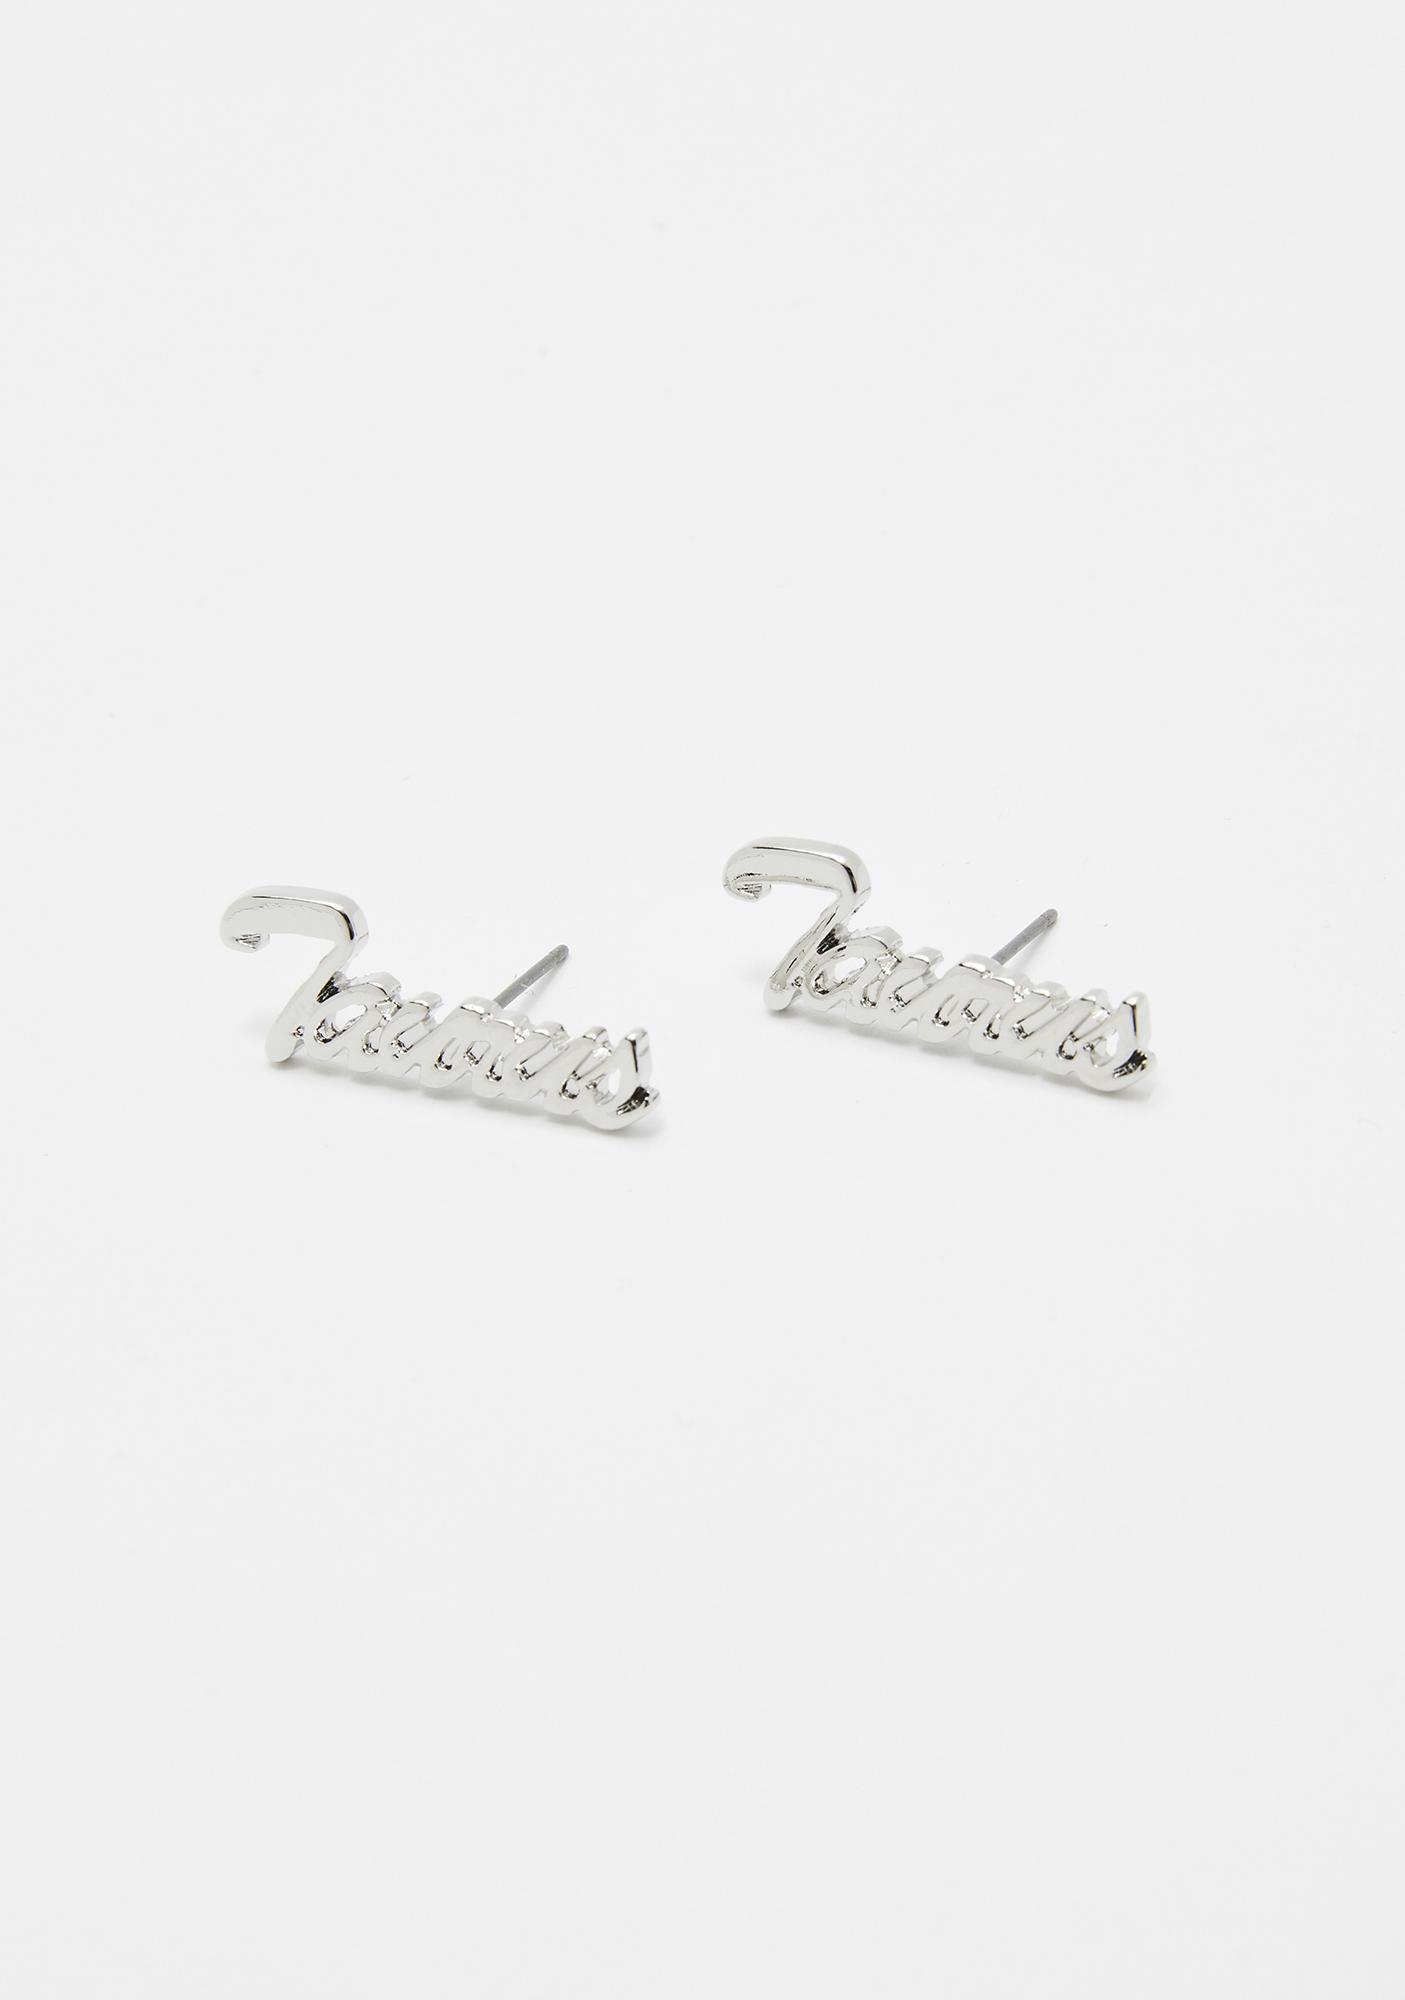 Troublemakin' Taurus Earrings